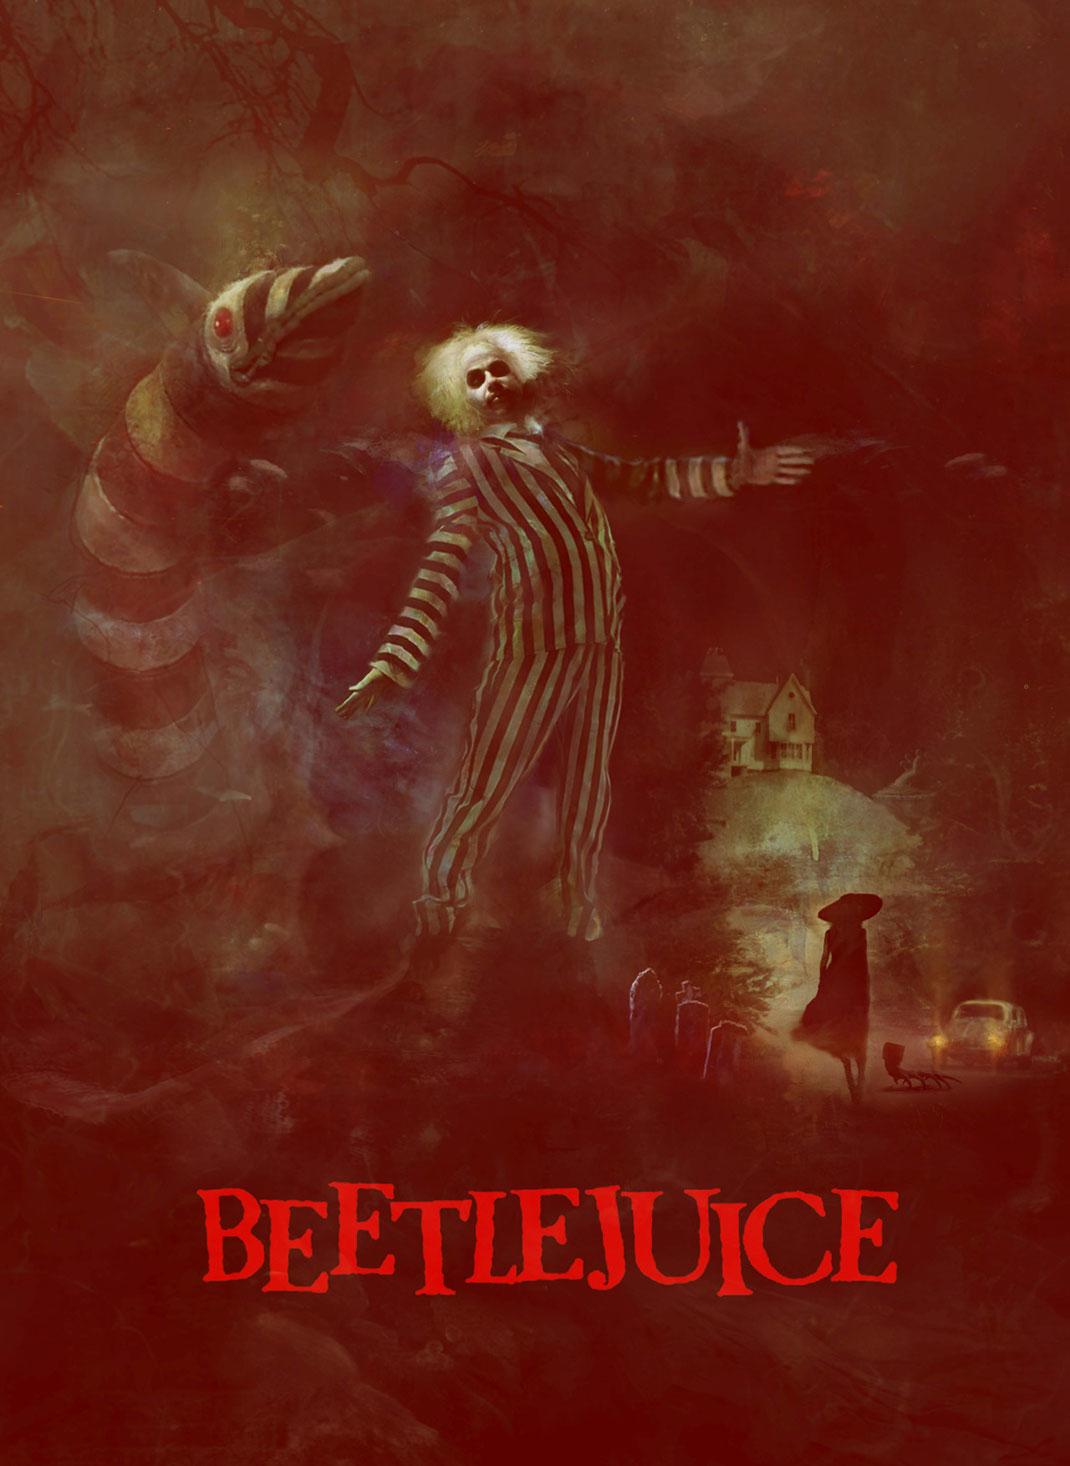 beetlejuice-Christopher-Shy